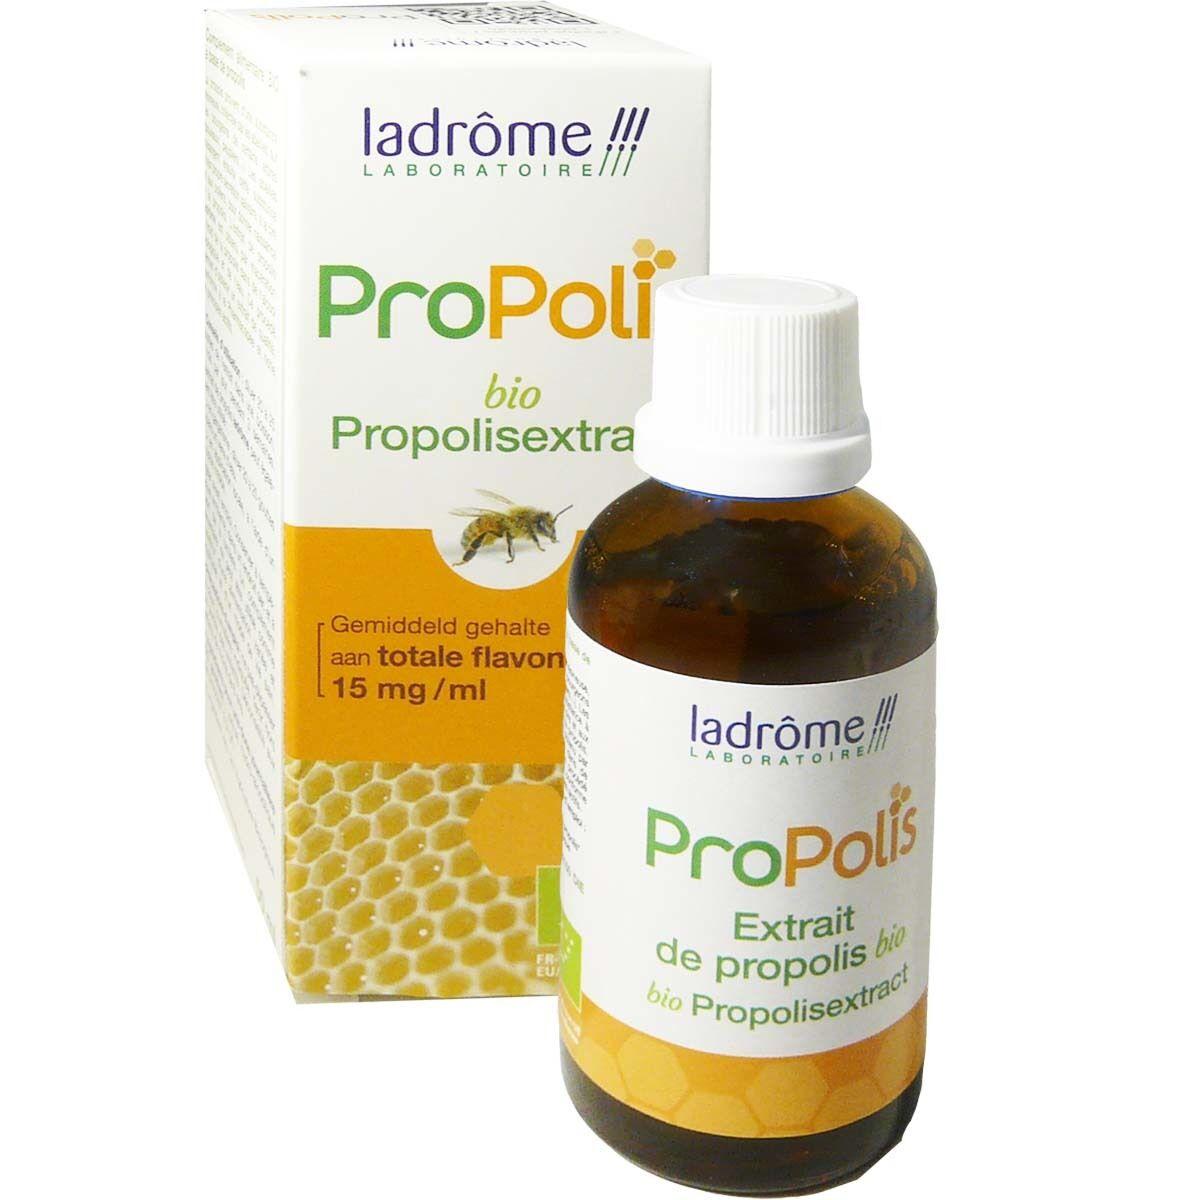 Ladrome propolis extrait de propolis bio 50ml